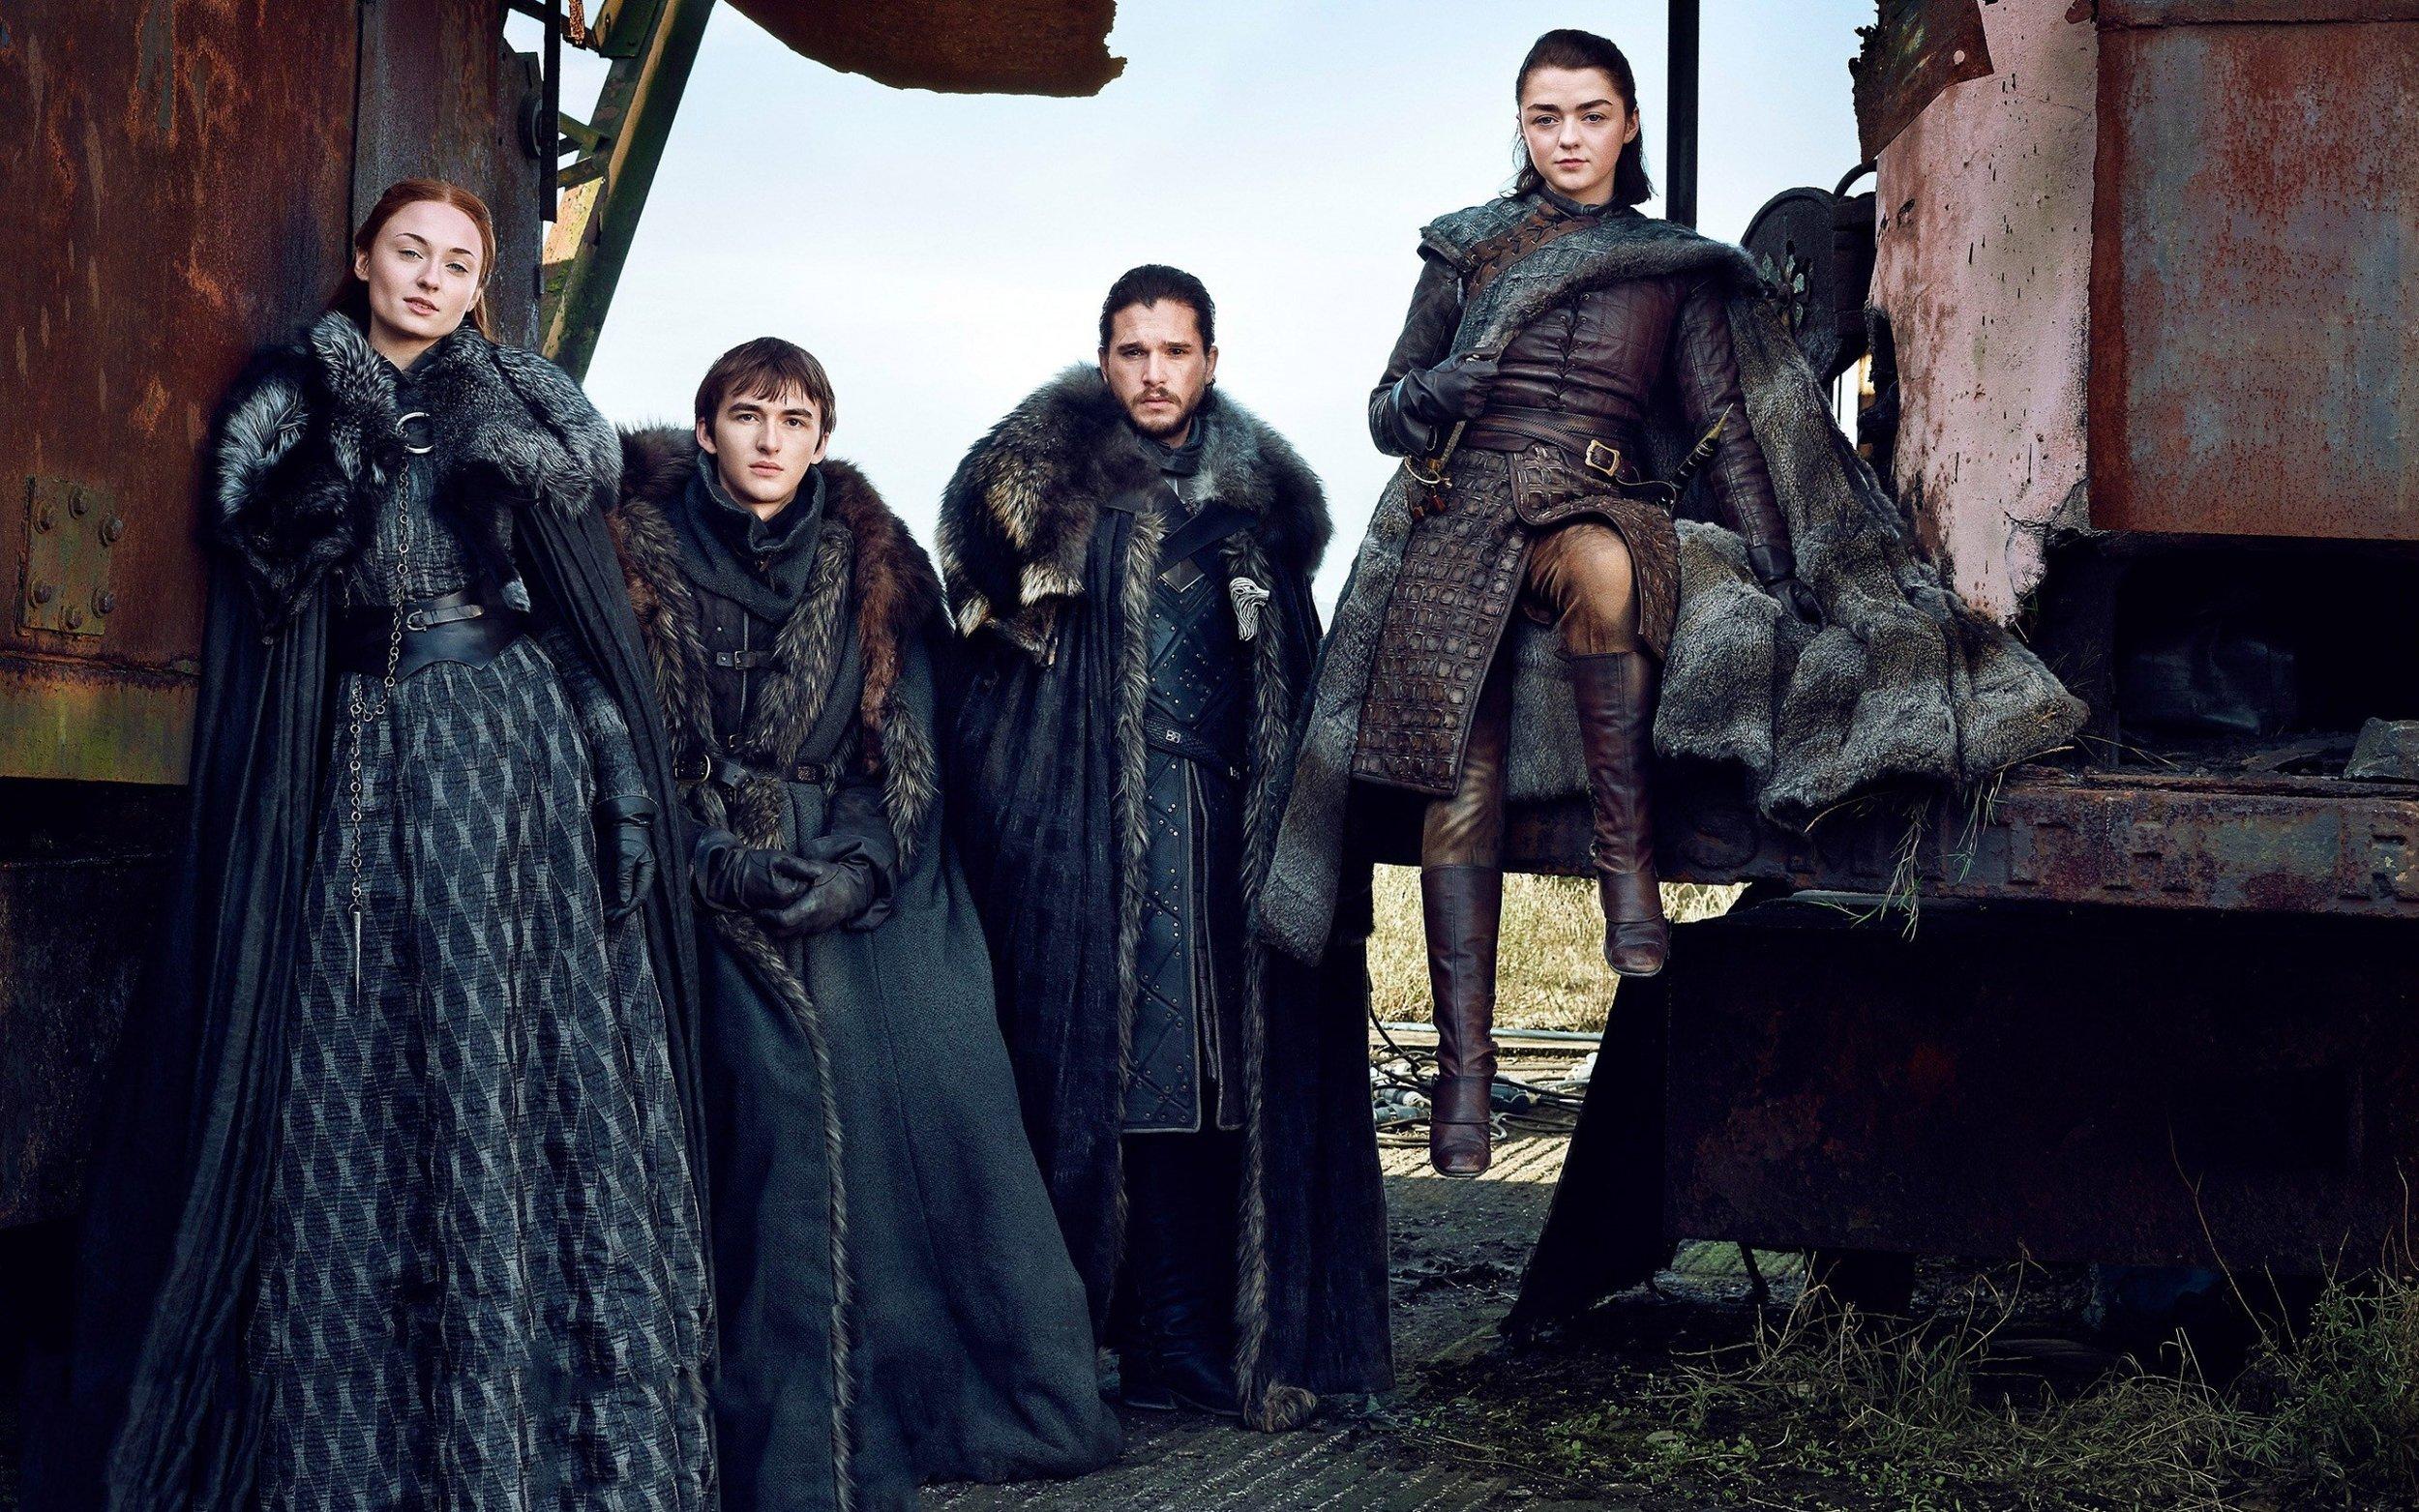 Game-of-Thrones-season-7-House-Stark-cast.jpg